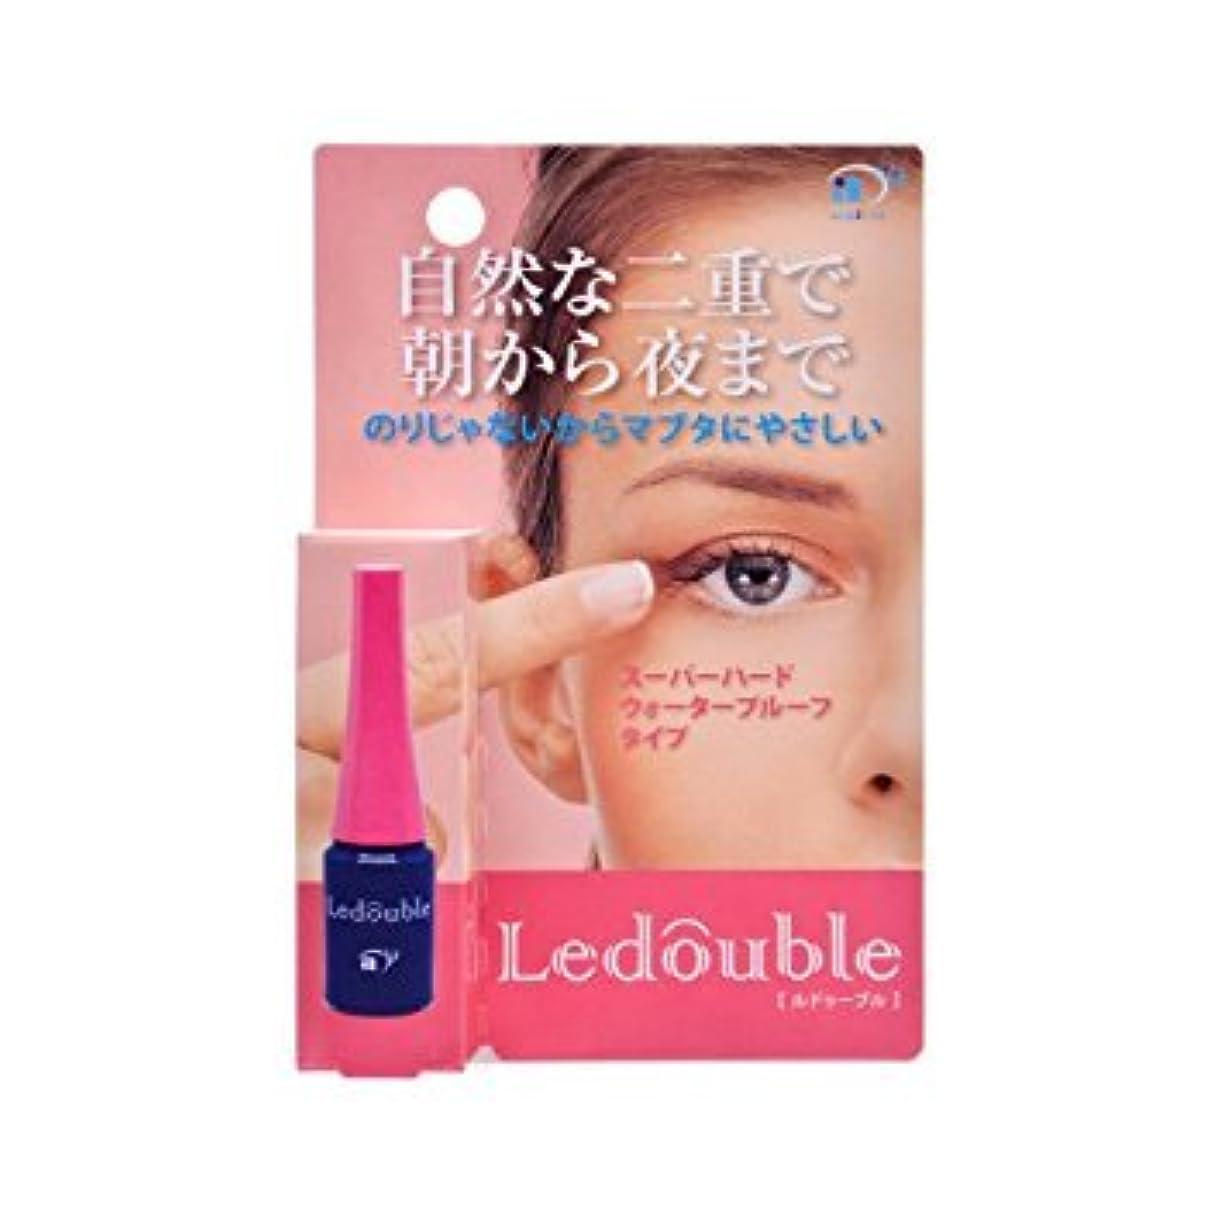 アデレード裂け目スパンLedouble [ルドゥーブル] 二重まぶた化粧品 (2mL) 2個セット [並行輸入品]